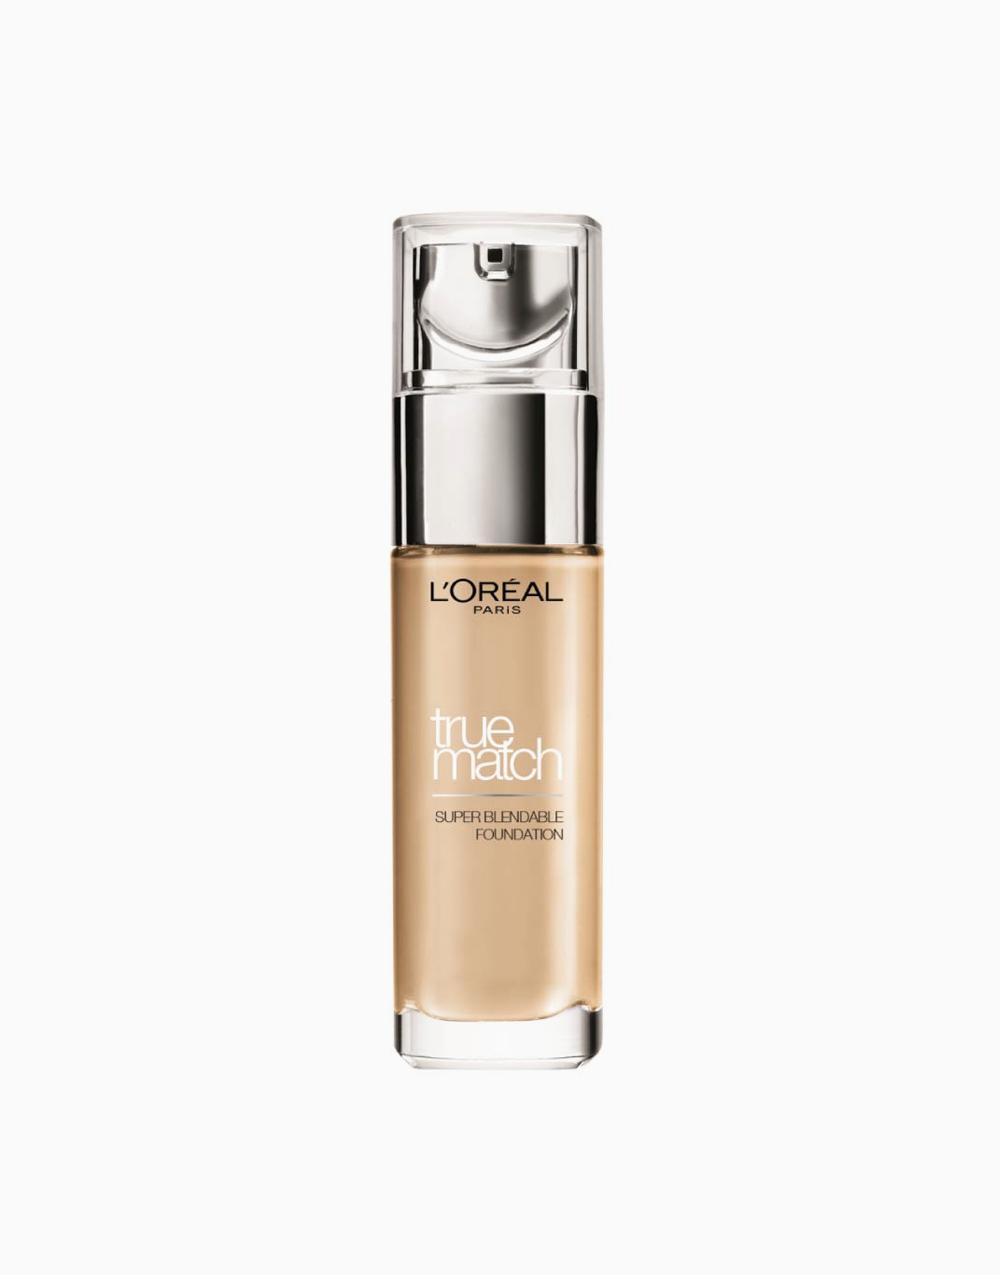 True Match Liquid Foundation by L'Oréal Paris | G3 Golden Beige